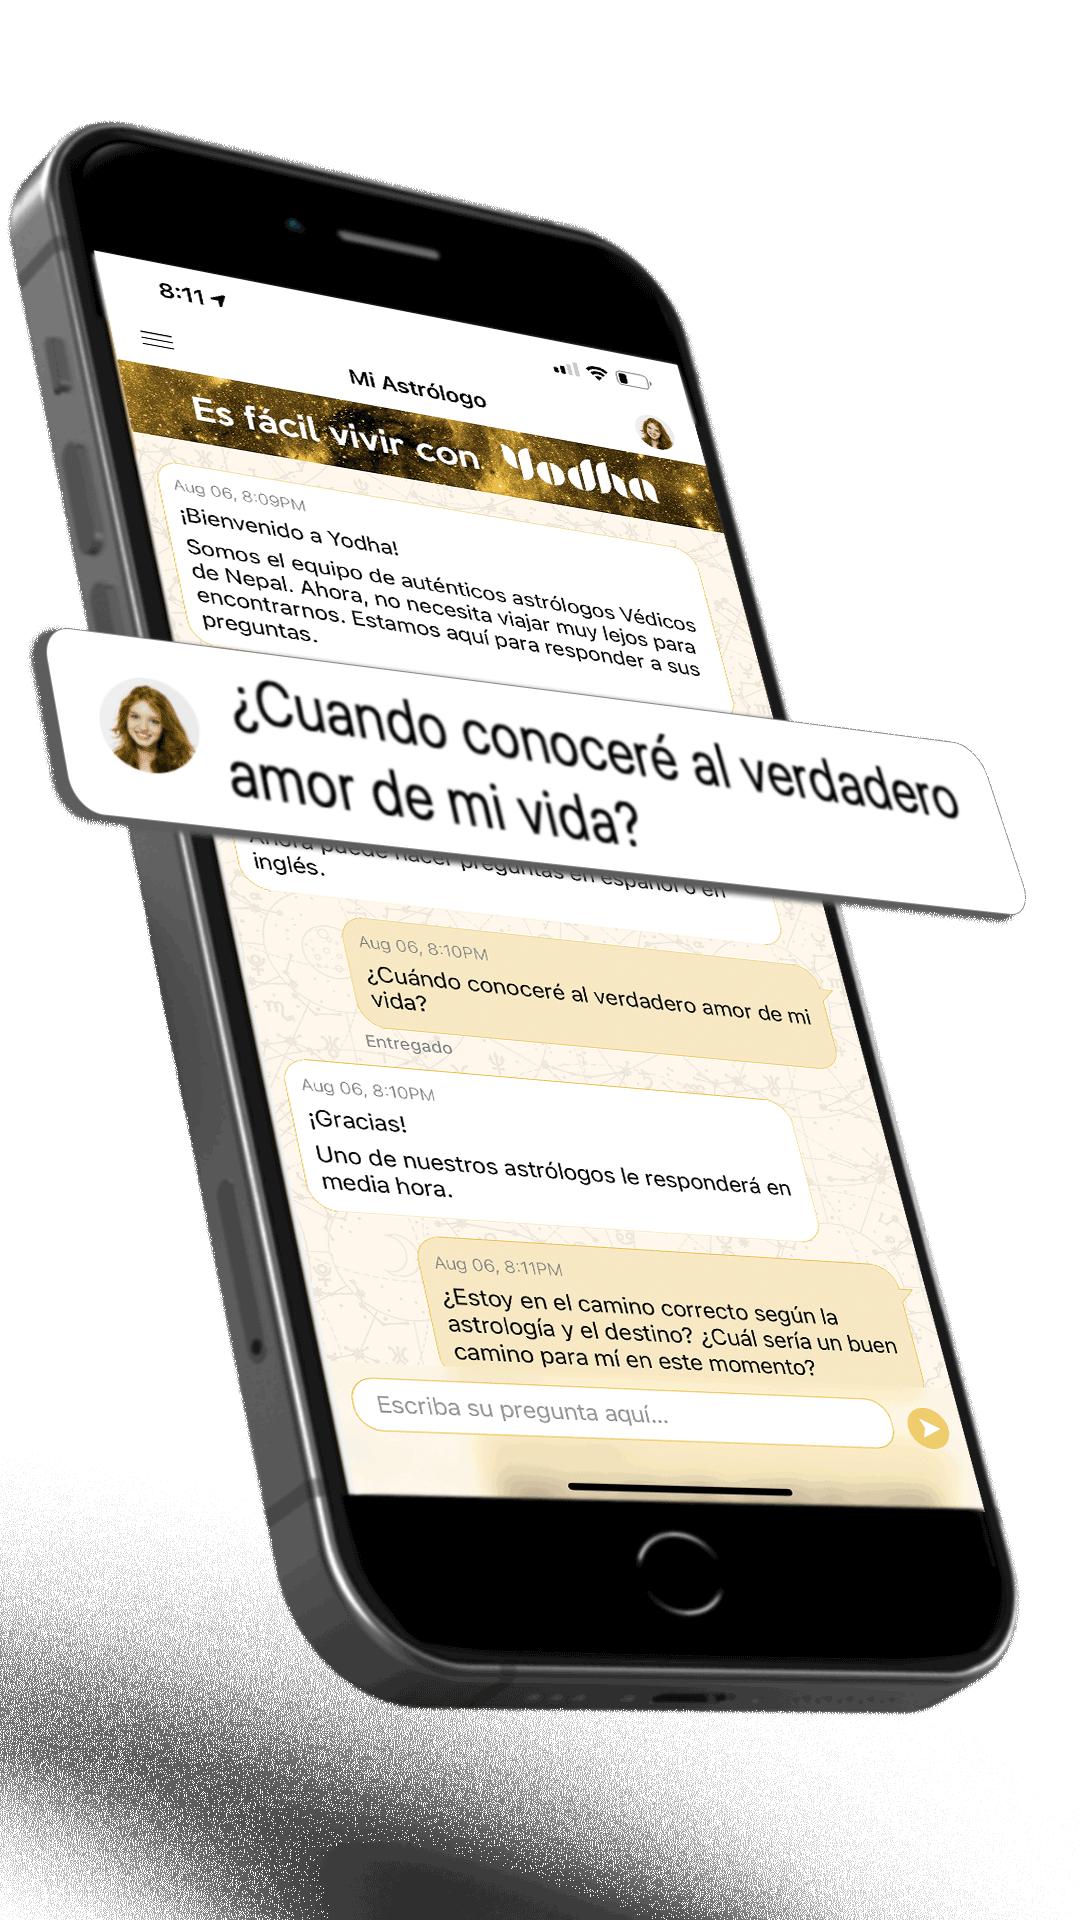 Yodha inició la versión en español de la aplicación astrológica